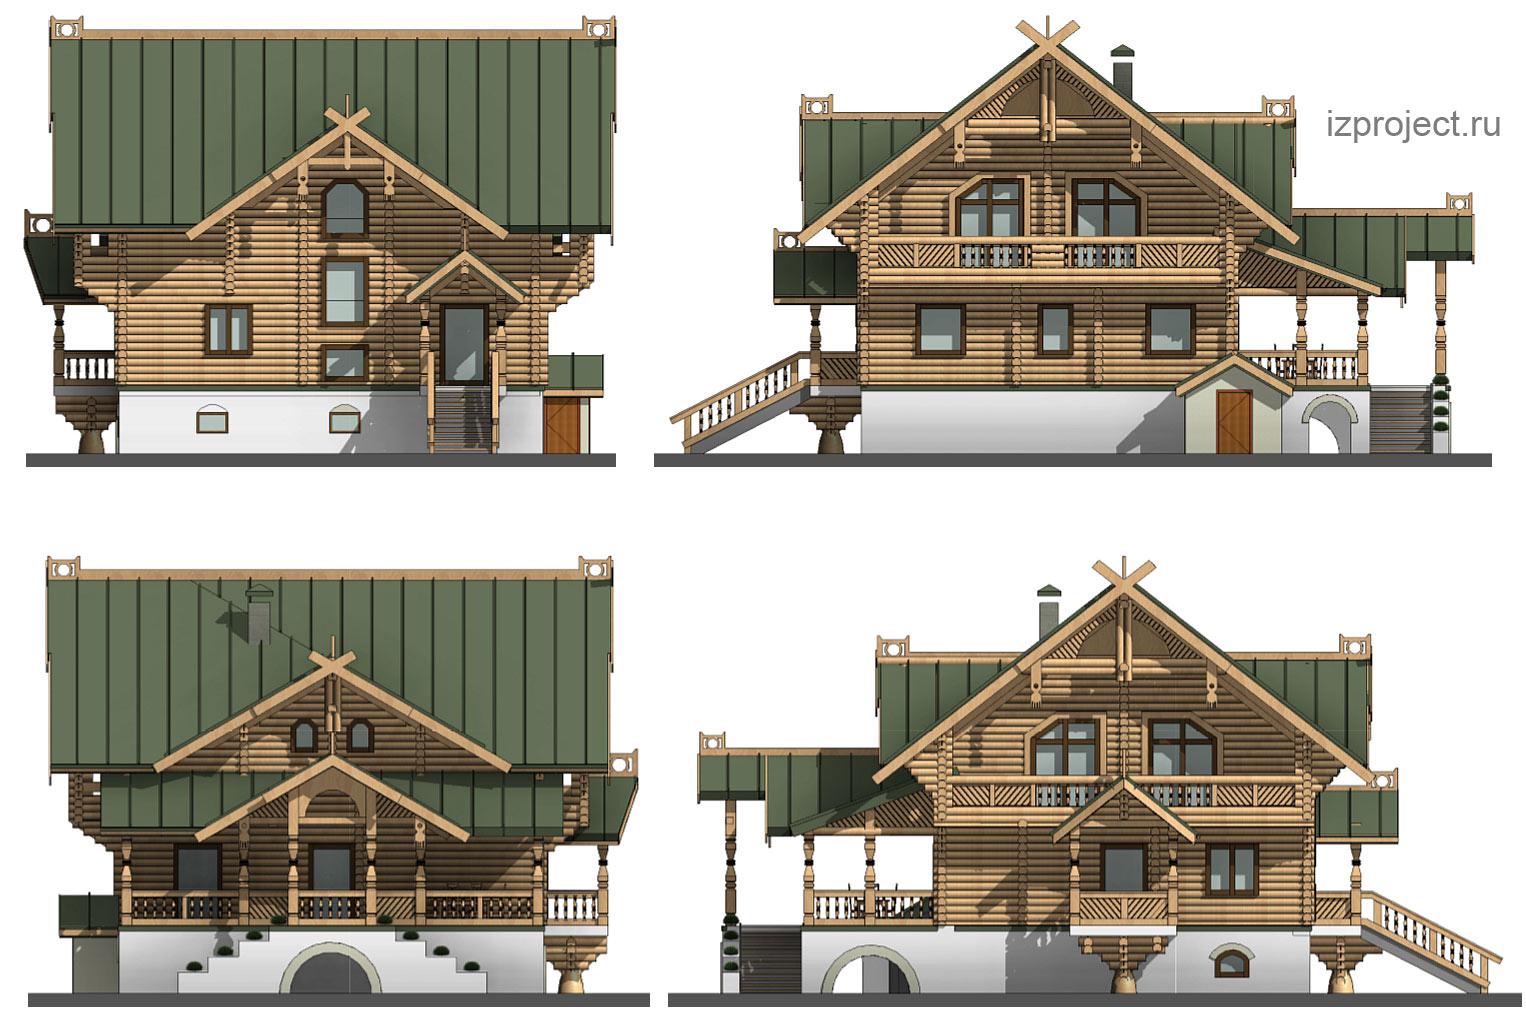 Проект фасадов деревянного дома в русском стиле. Арх. Илья Сибиряков.